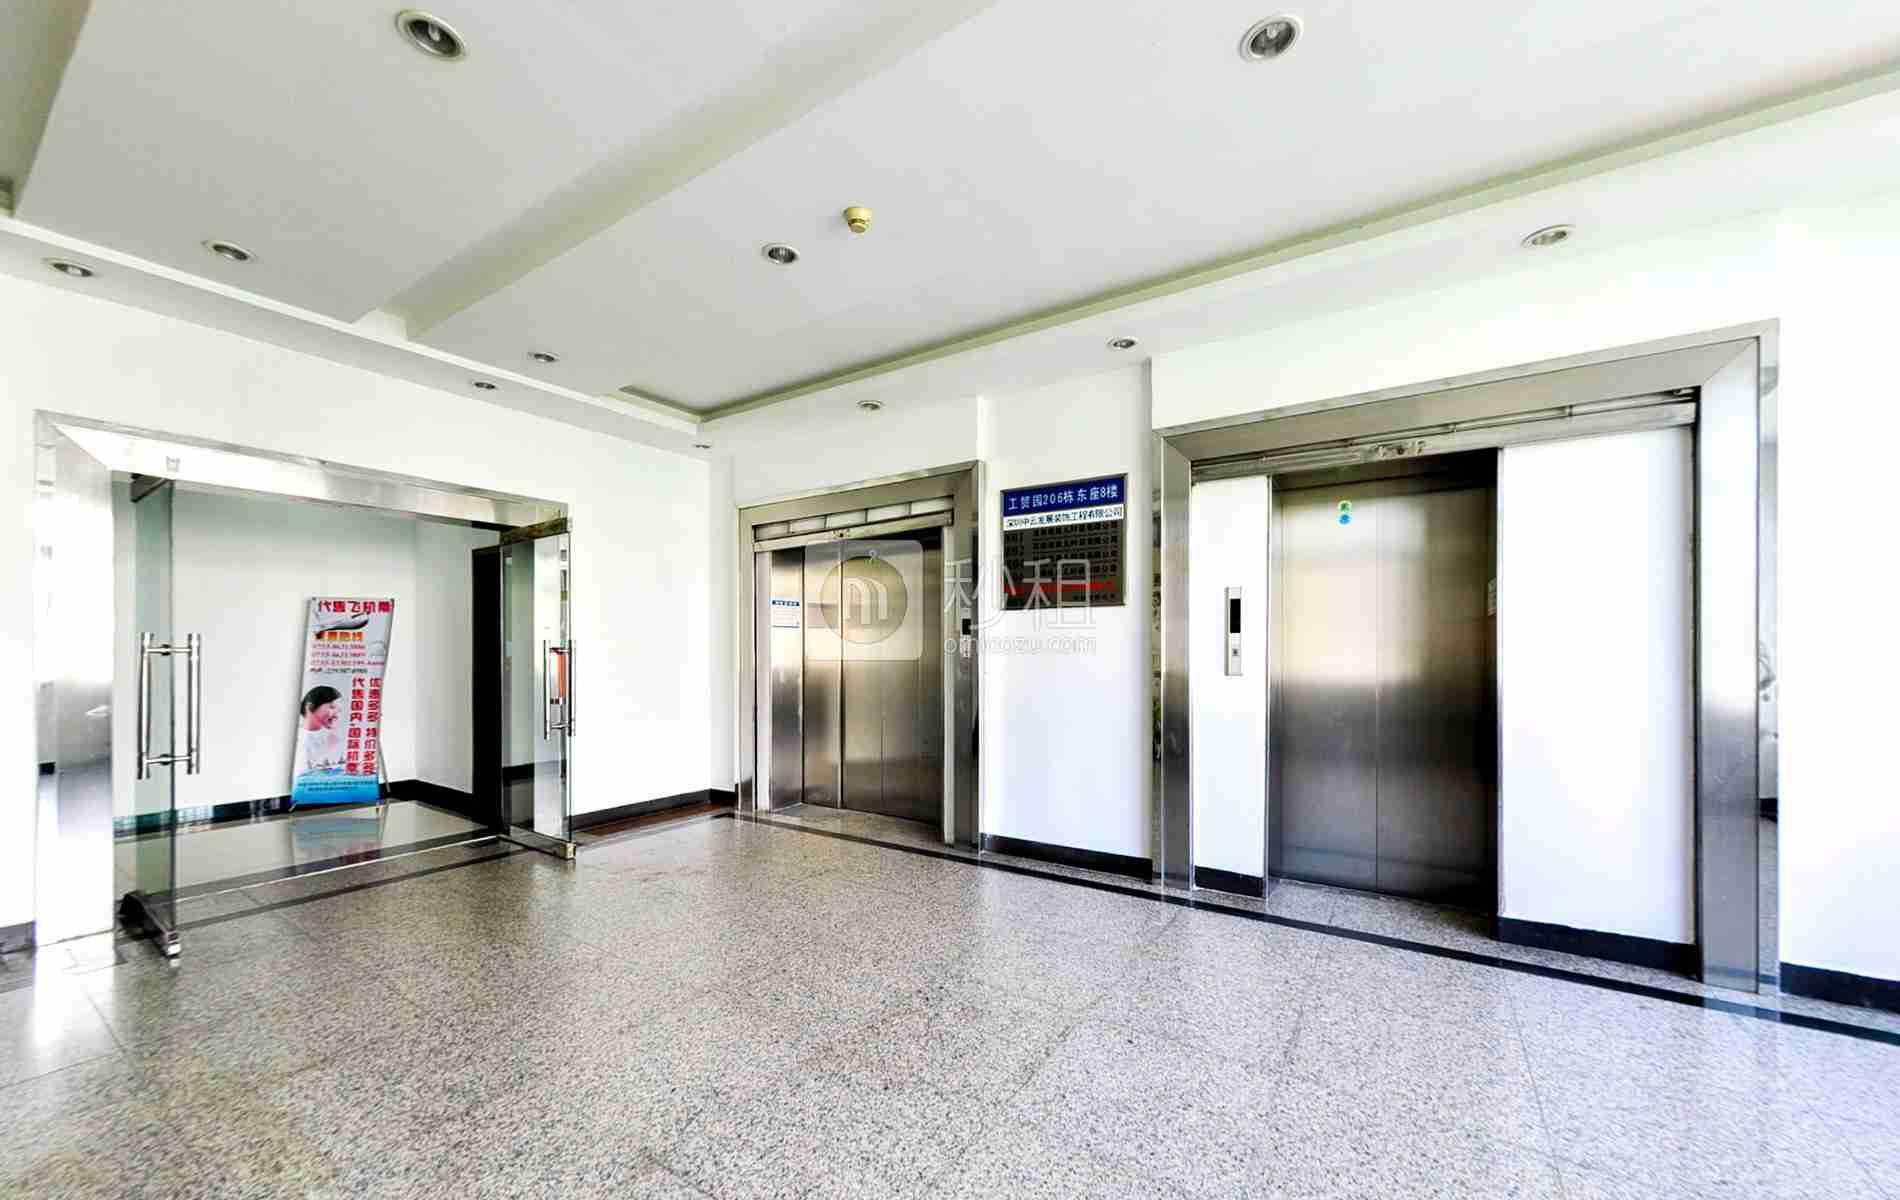 泰然科技园206栋写字楼出租/招租/租赁,泰然科技园206栋办公室出租/招租/租赁